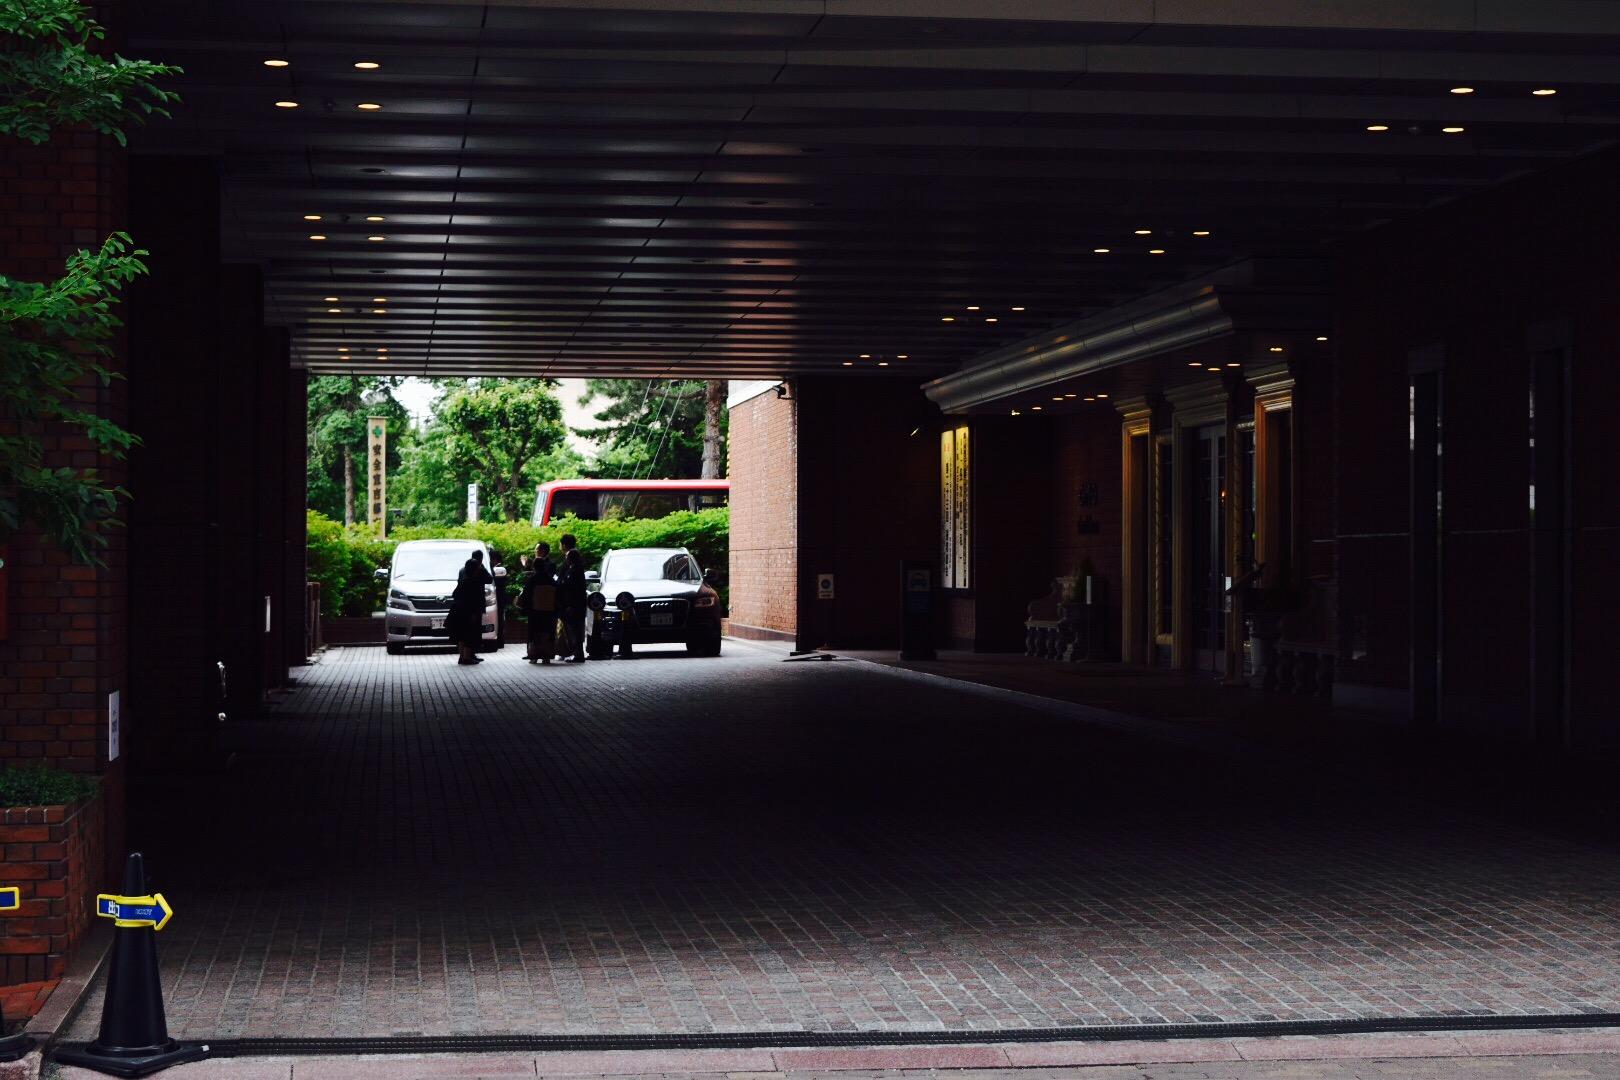 星野リゾートスタッフのご近所案内付き!【OМO7旭川】は楽しくておいしい